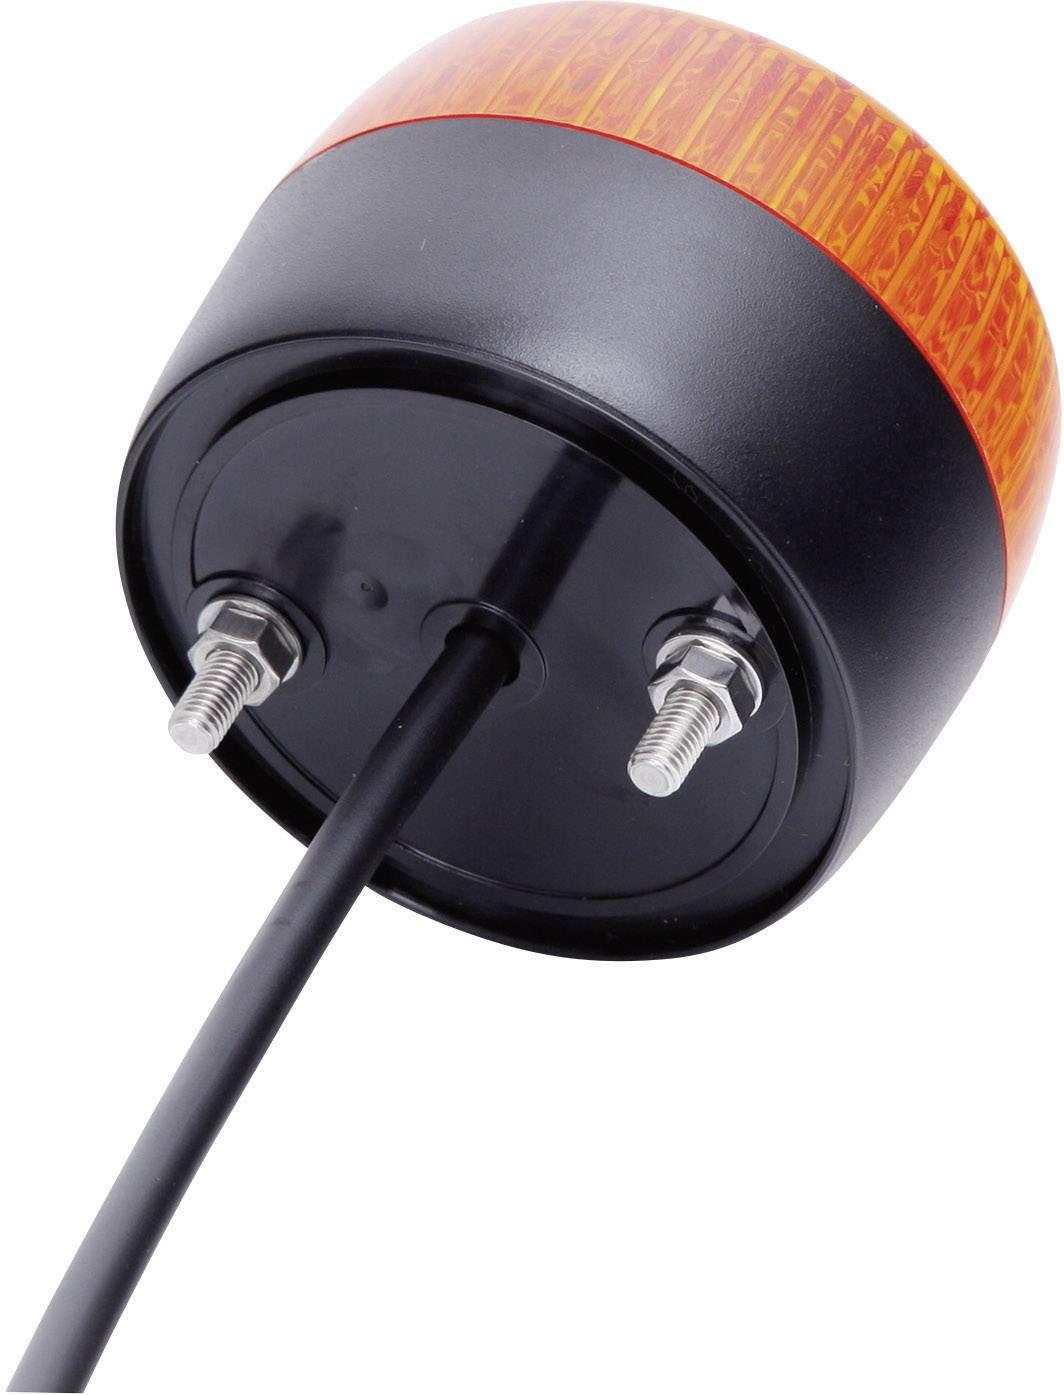 LED signalizačné osvetlenie Auer Signalgeräte PCH 861501405, oranžová, trvalé svetlo, blikajúce, 24 V/DC, 24 V/AC